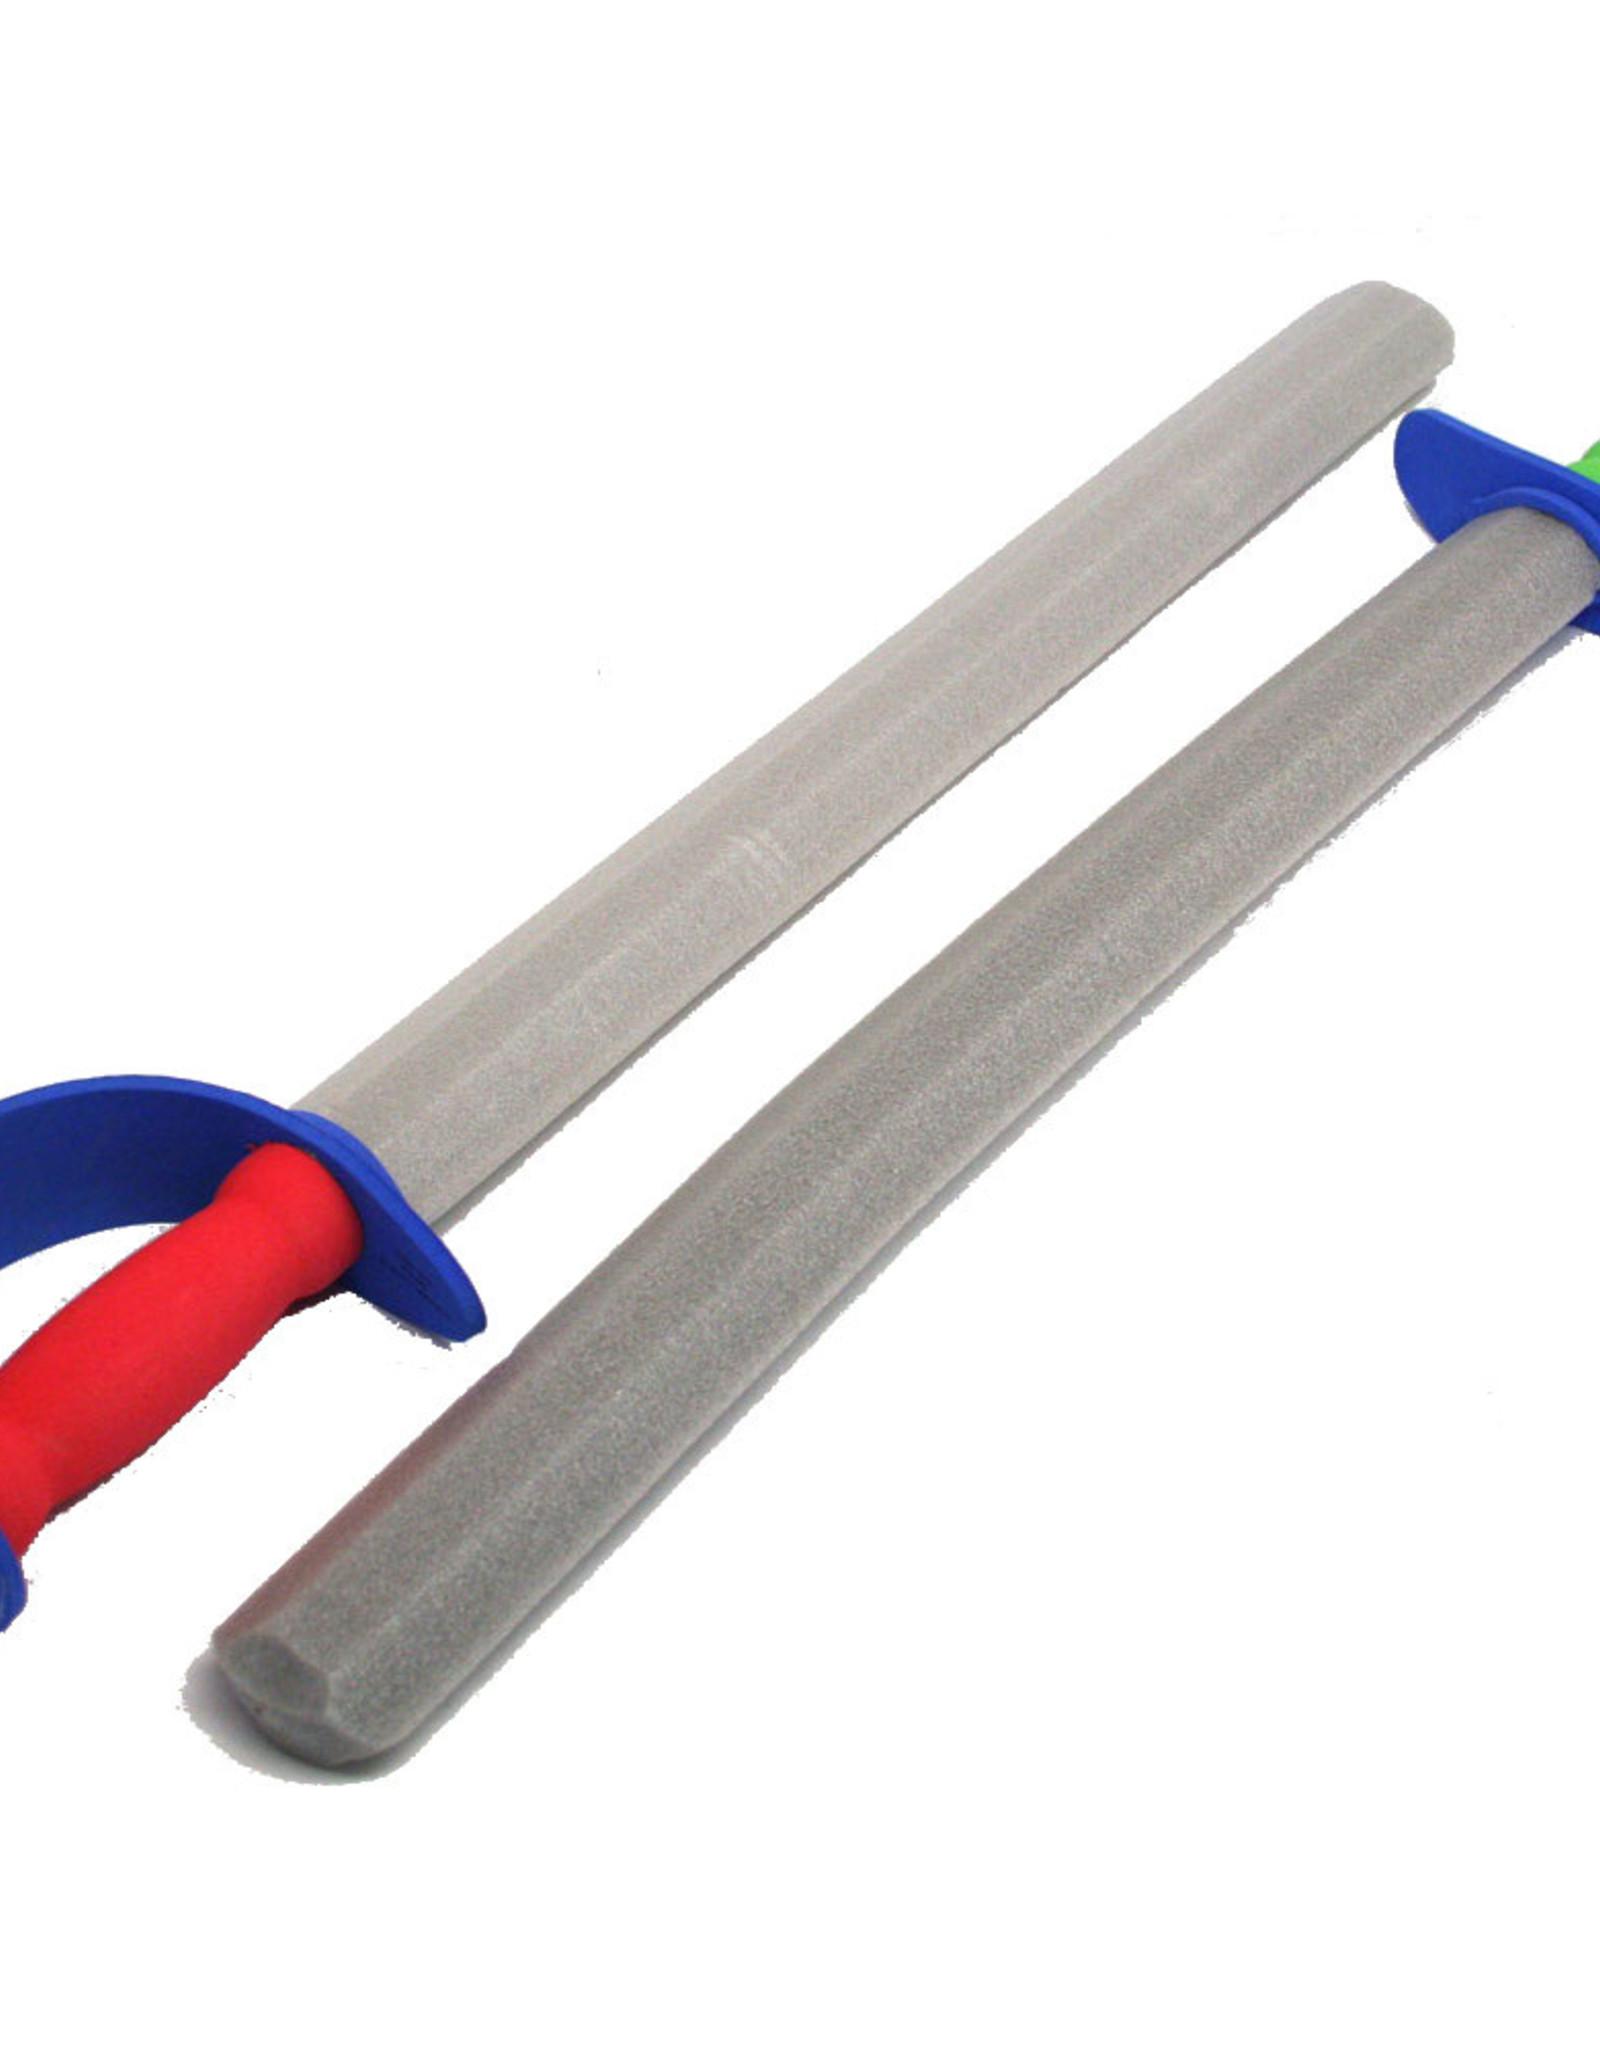 Playwell Foam Swords